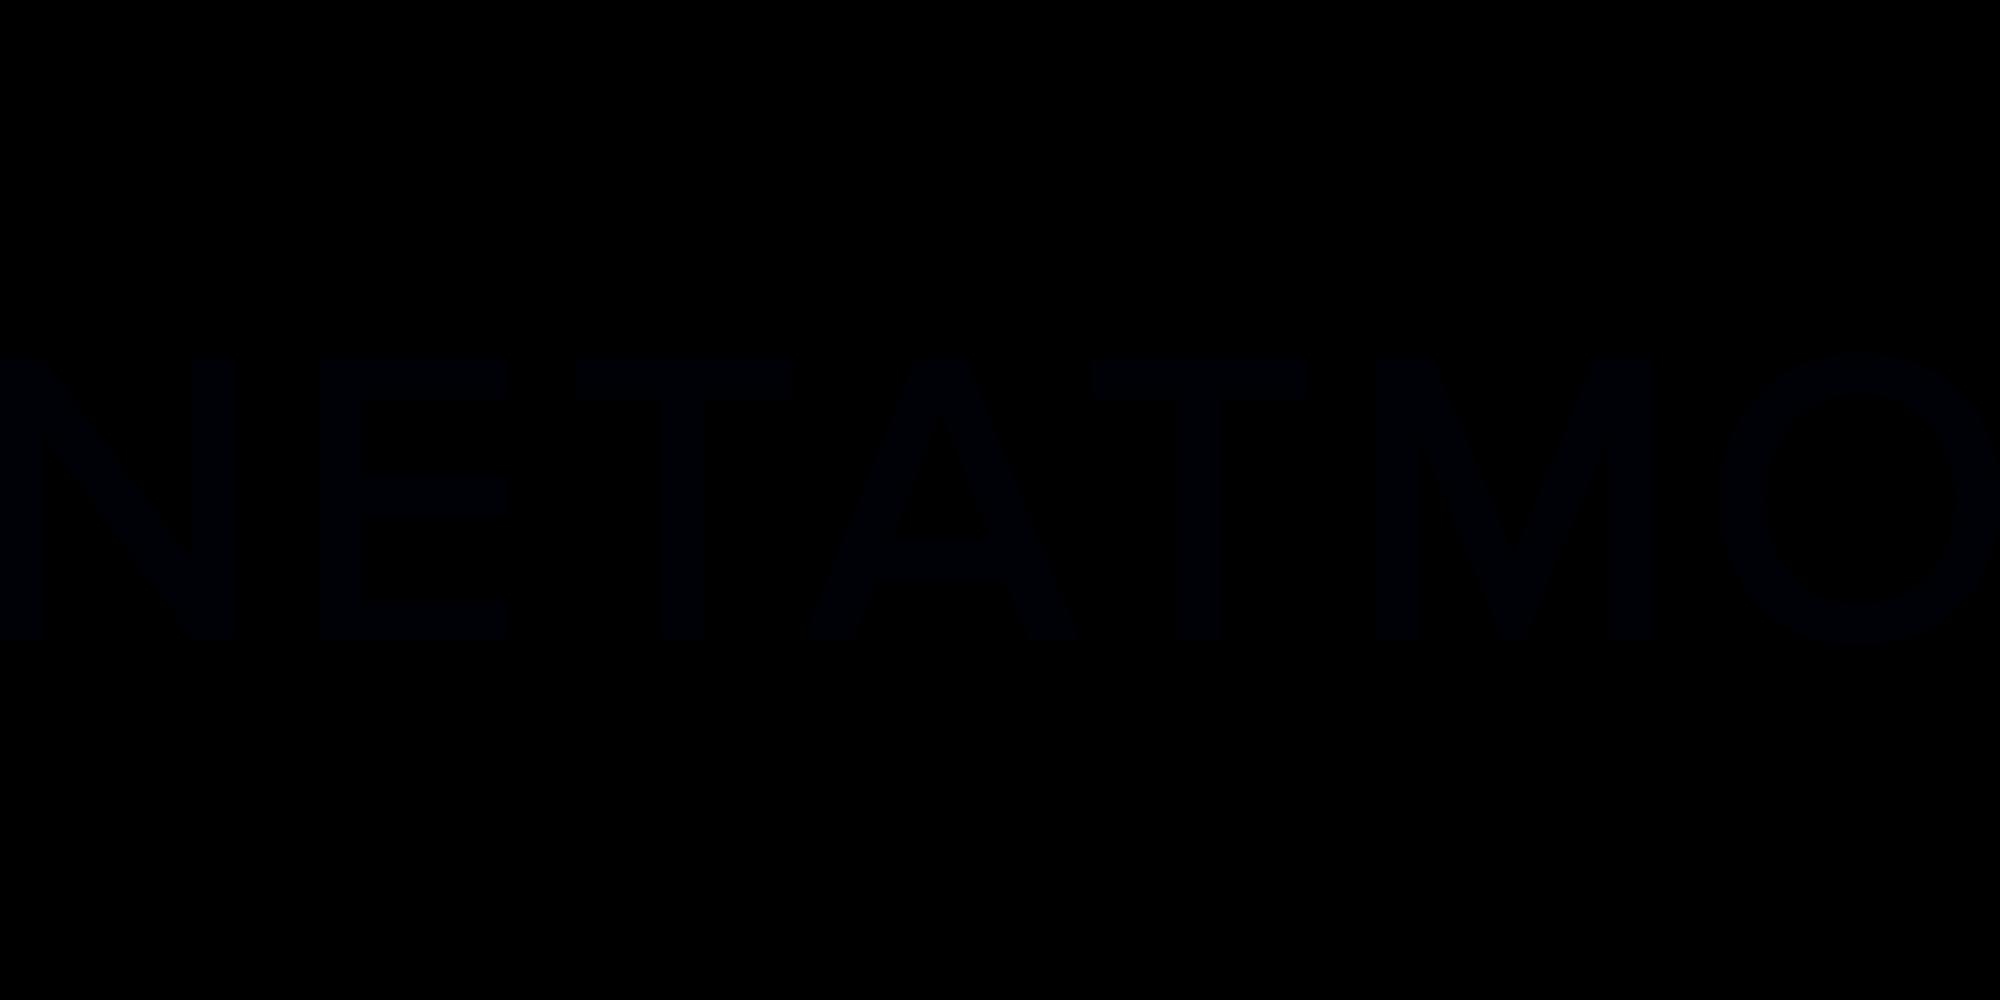 Netatmo (Нетатмо) - производитель умных гаджетов